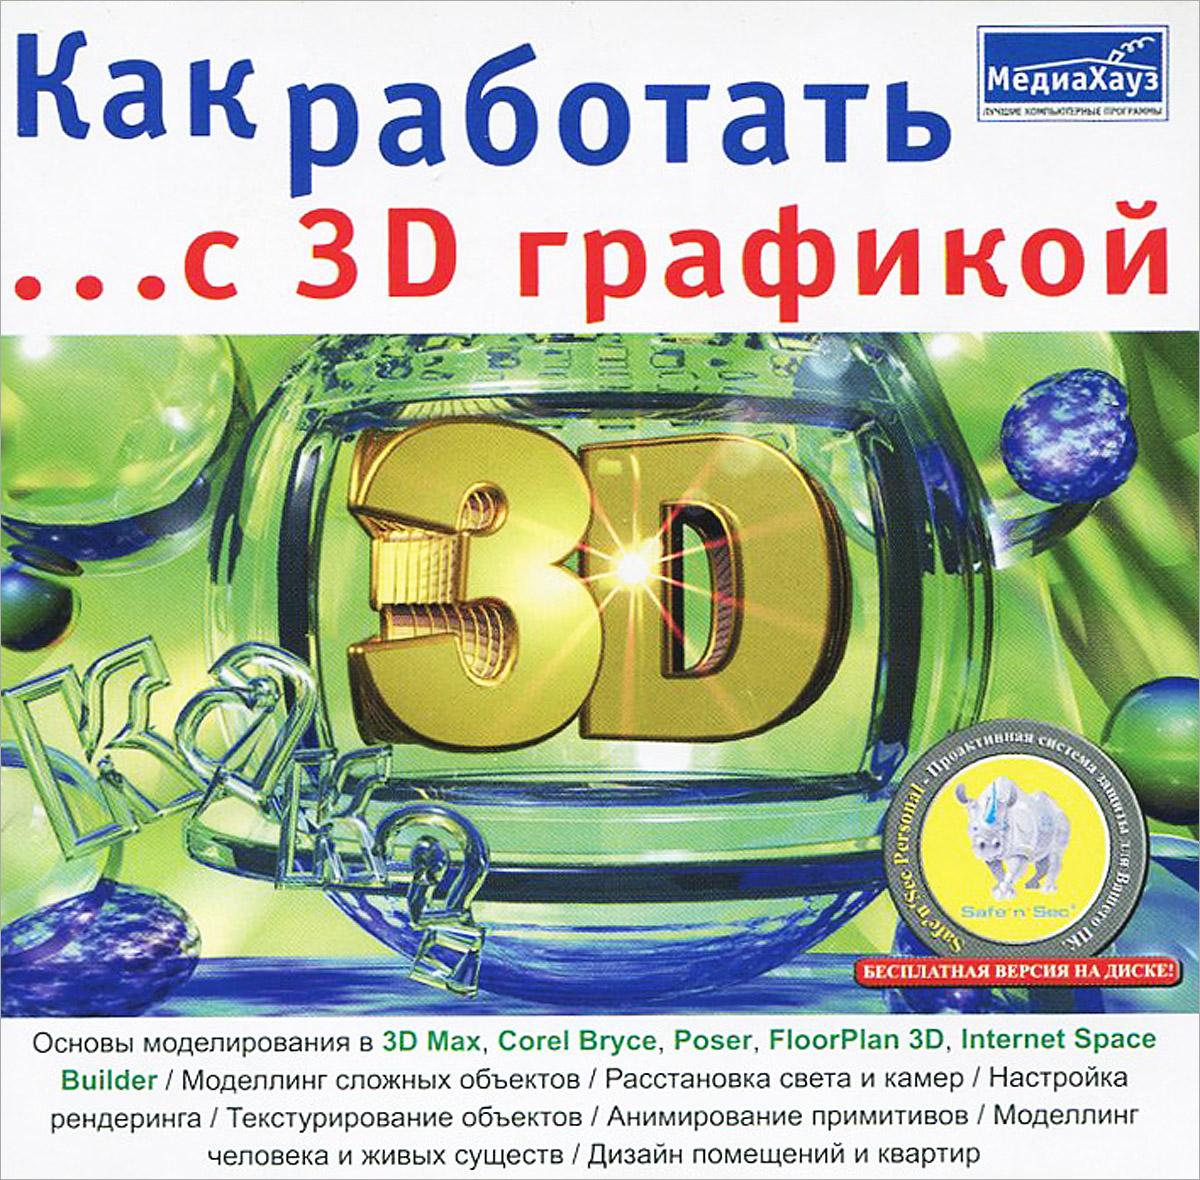 Как работать с 3D графикойОбучающая компьютерная программа Как работать с 3D графикой содержит обширную информацию об основах 3D-моделирования для начинающих моделлеров, а также некоторые полезные хитрости, которые пригодятся и продвинутому дизайнеру. Моделирование и деформация, работа со светом и материалами, анимация – все это может освоить даже ребенок. Плюс вы научитесь моделировать интерьеры с помощью программы Floor Plan 3D и создавать свои собственные трехмерные миры для Интернета. Данная программа помогает: создать и просчитать трехмерную модель любой конфигурации; правильно ставить свет; создать и распланировать любой ландшафт; создать план собственной квартиры или дома; создать и оживить человека и любые другие объекты. Основные особенности: графические программы: ЗD Max, Corel Bryce, Poser, FloorPlan 3D, Internet Space Builder; более 700 иллюстраций.